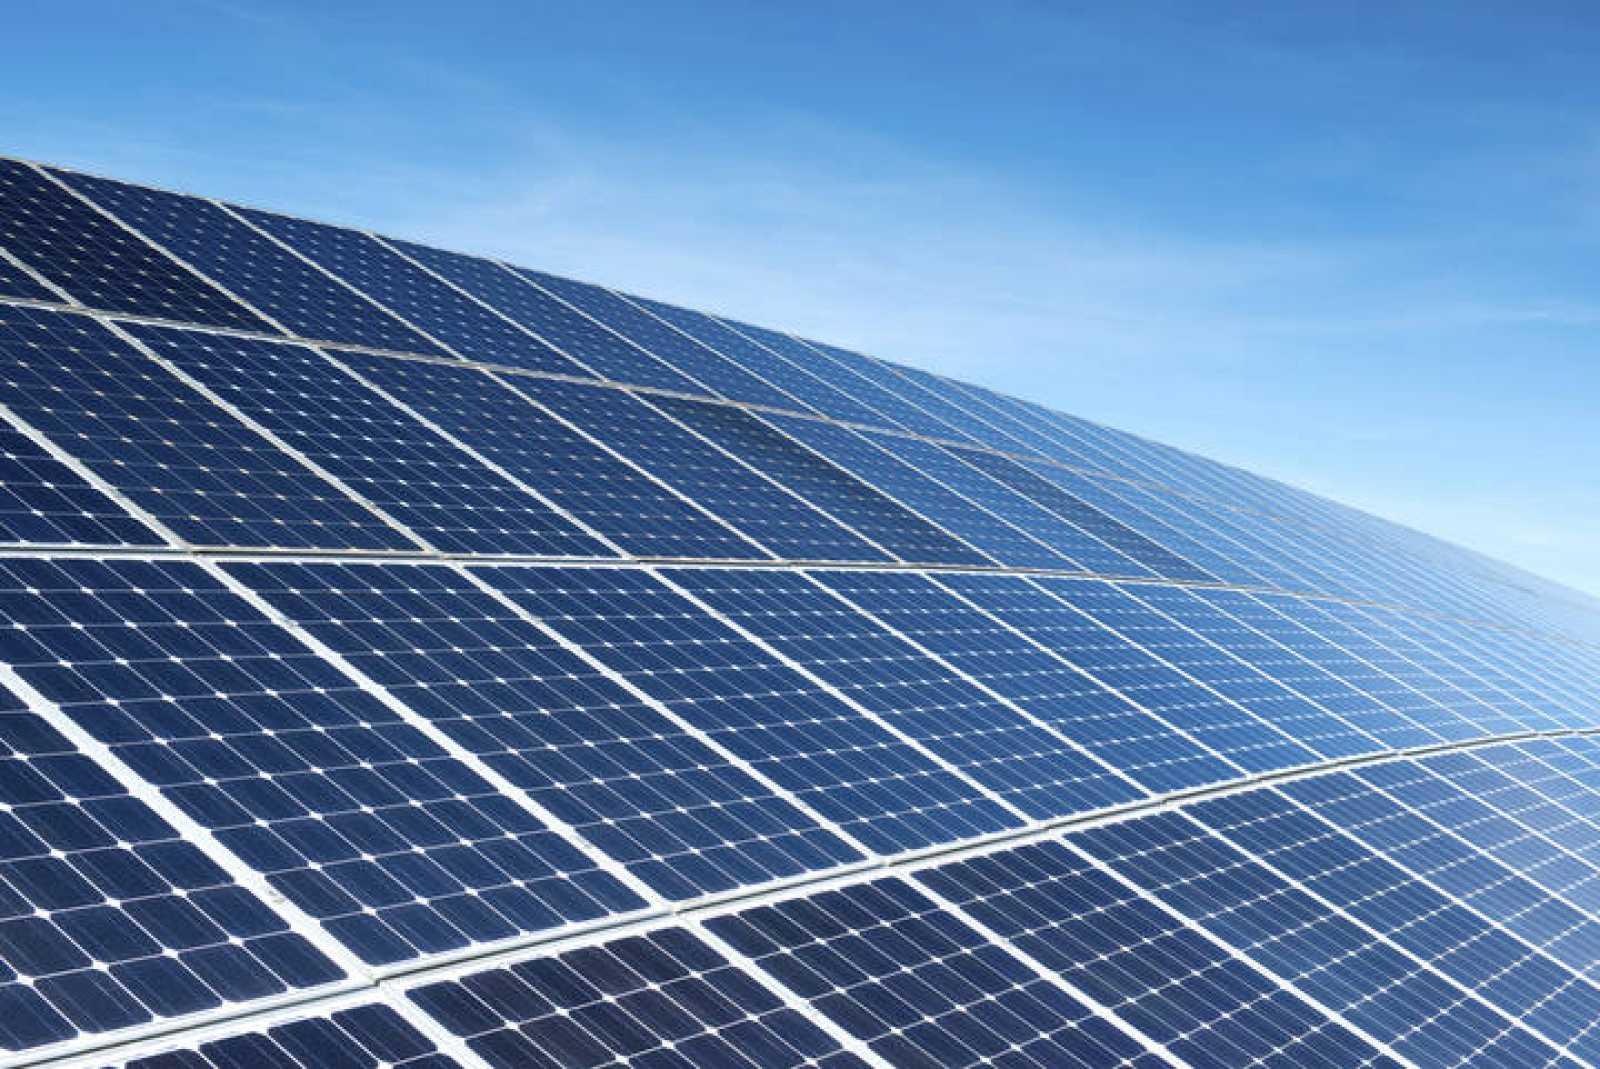 Un campo de paneles solares.